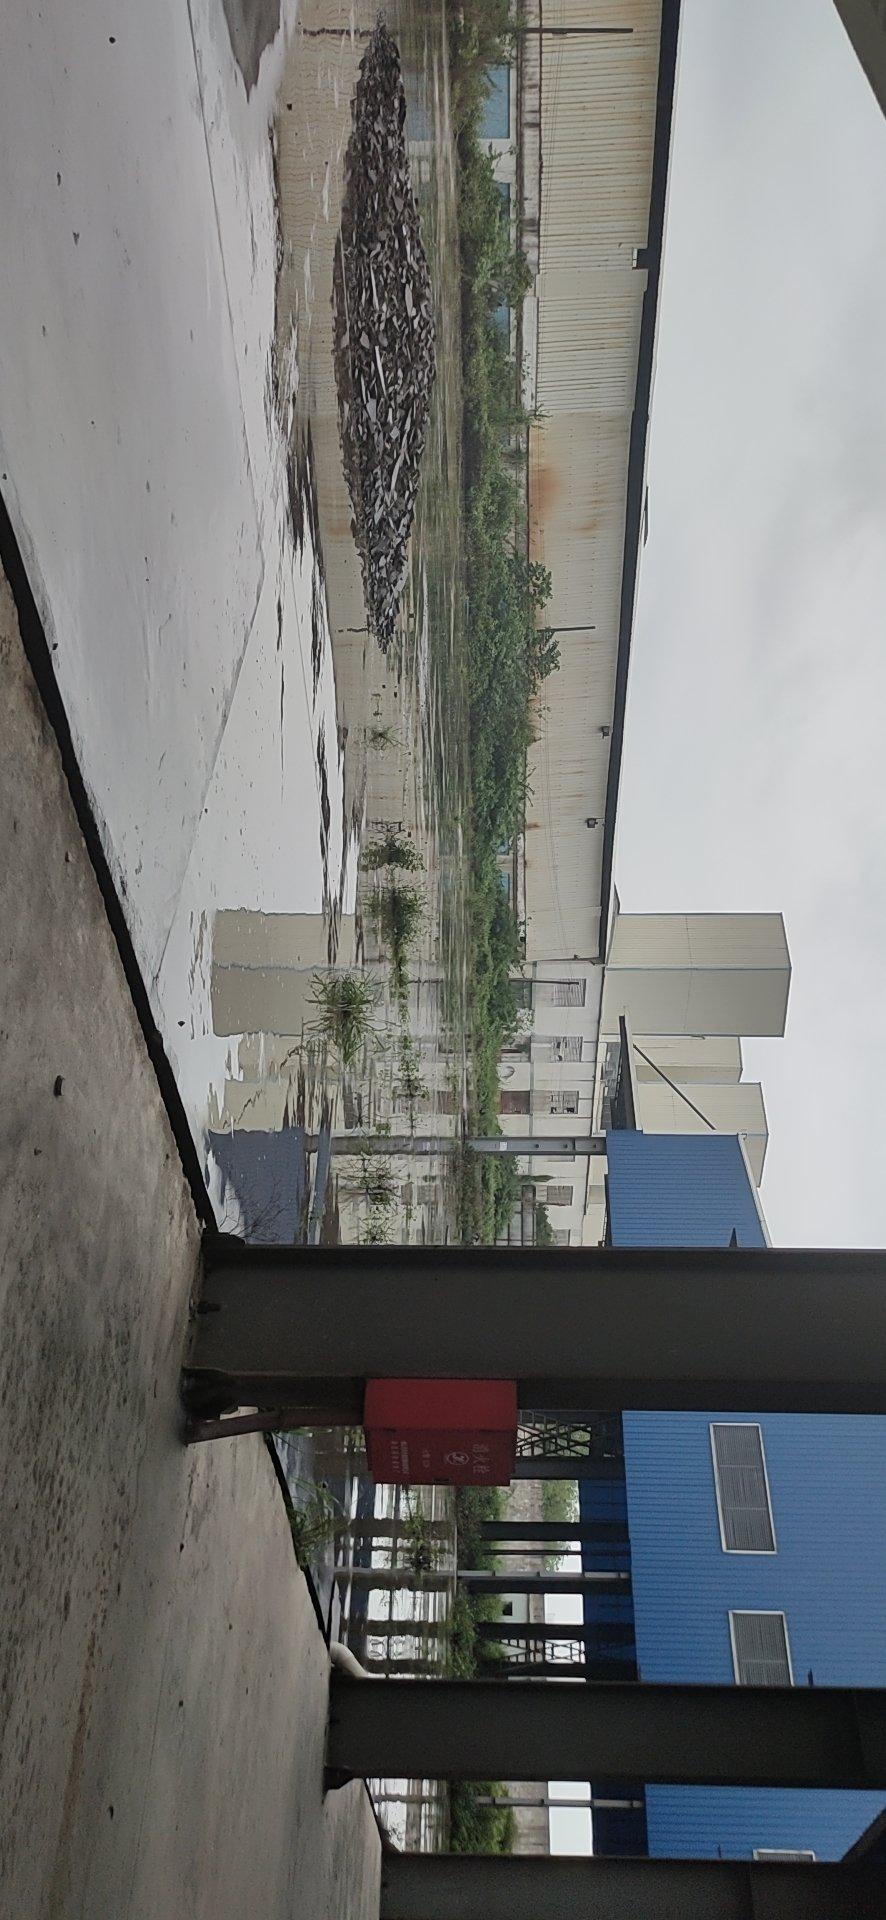 肇庆新出单一层厂房滴水12米出租